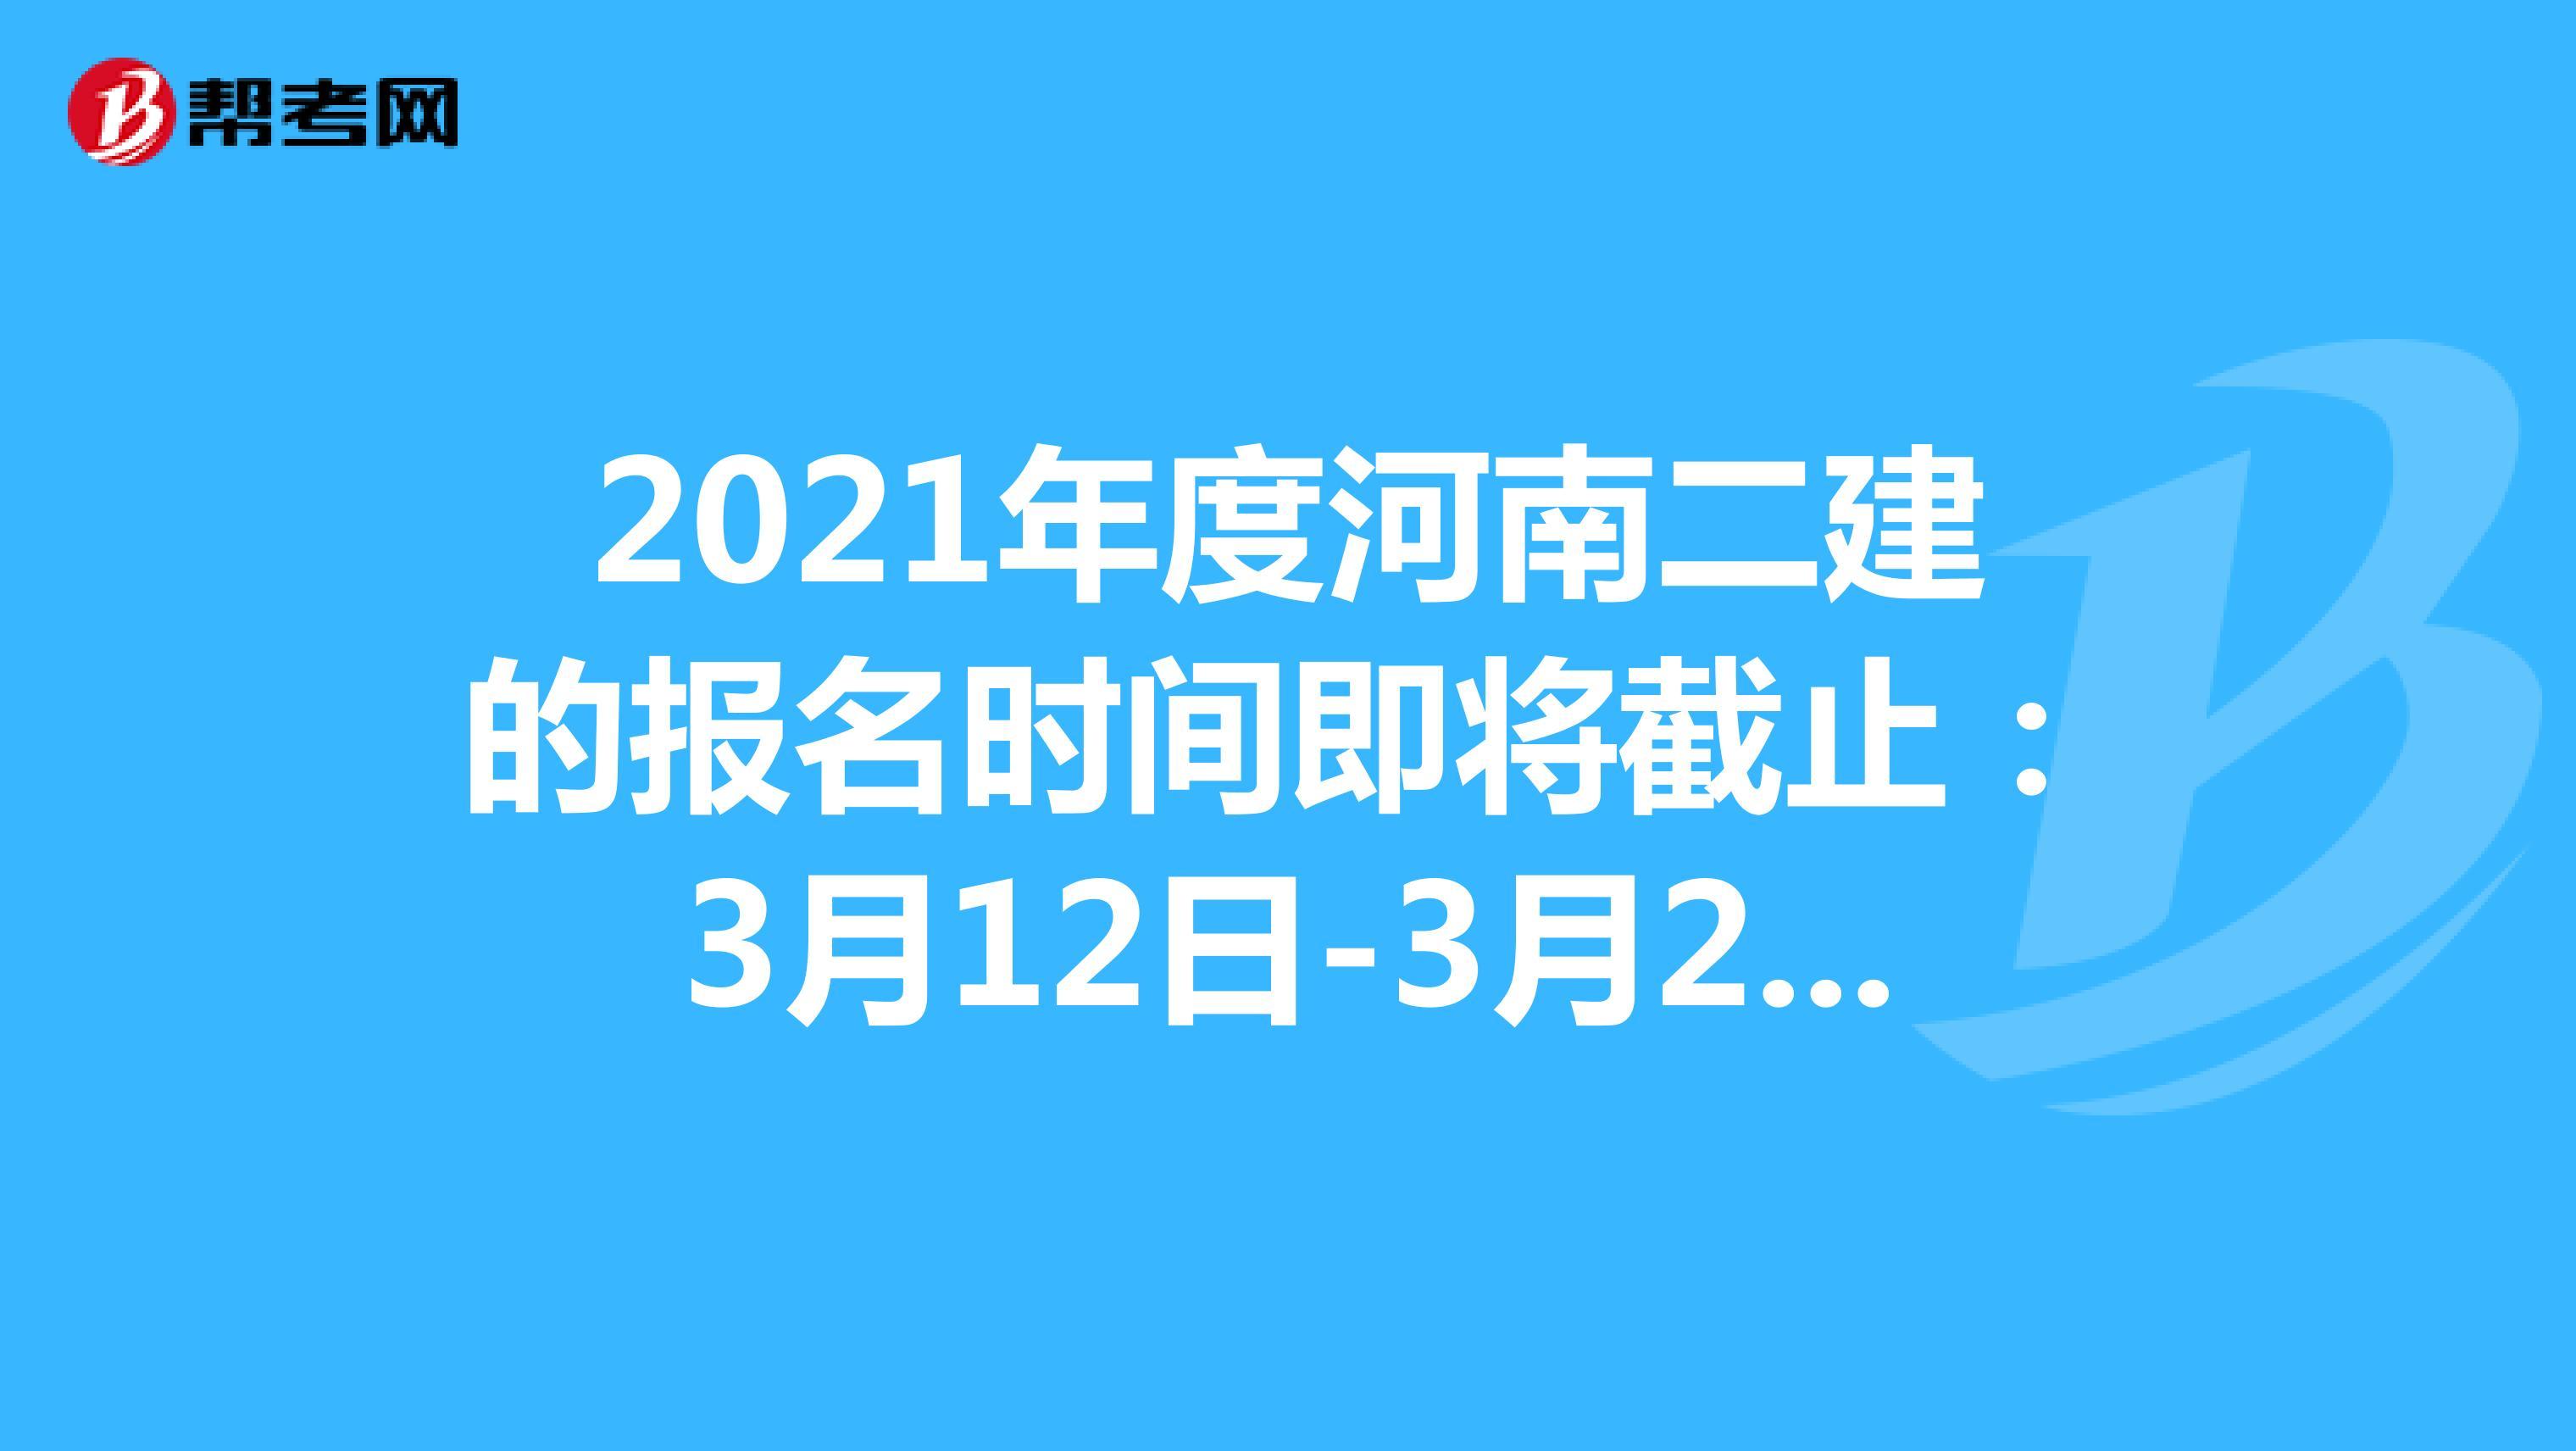 2021年度河南二建的报名时间即将截止:3月12日-3月21日